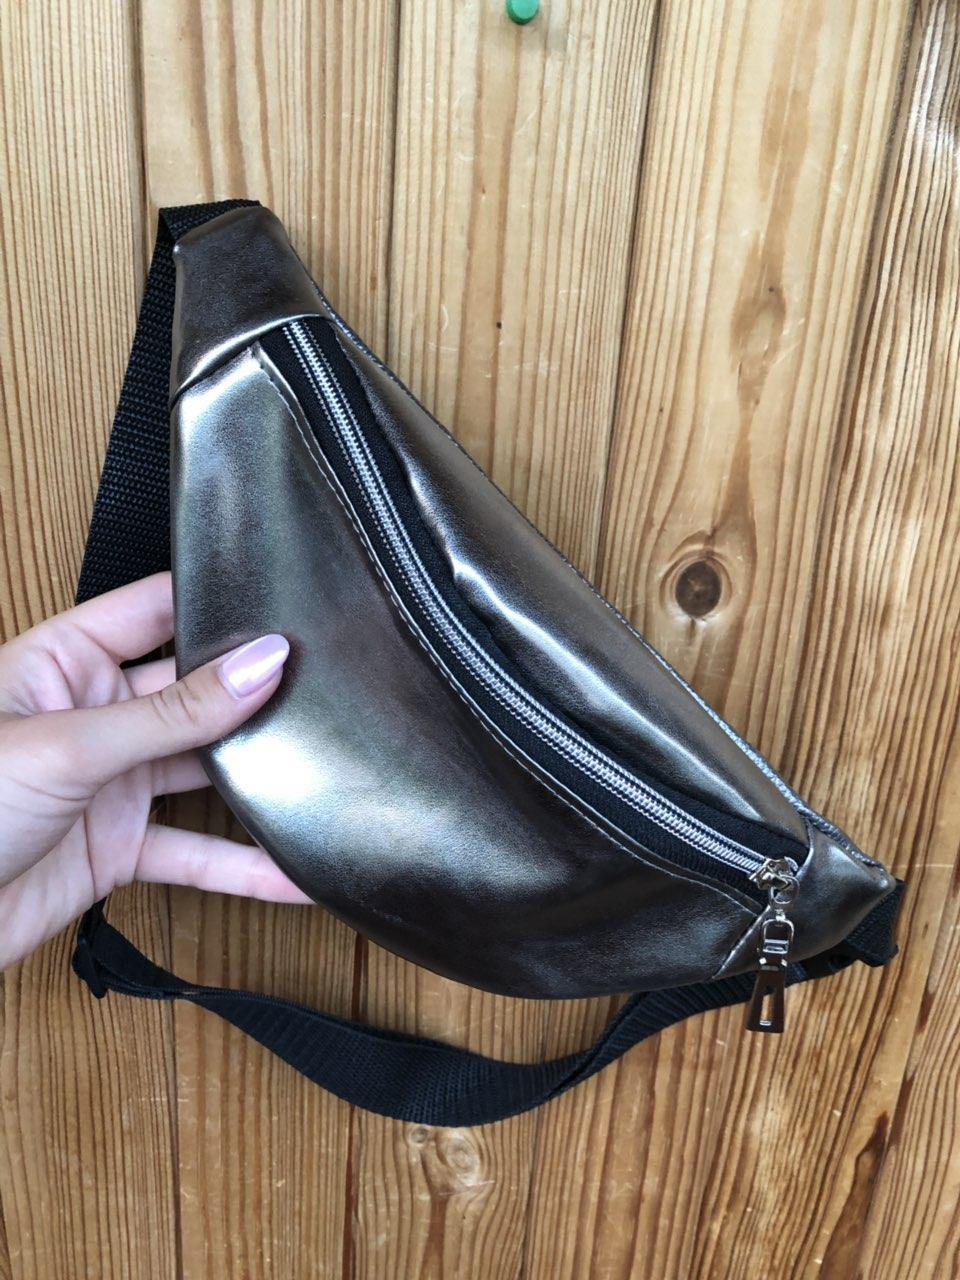 Поясная сумка серебристая , 2 отделения (Бананка), из пресс кожи, банан, трендовая сумка